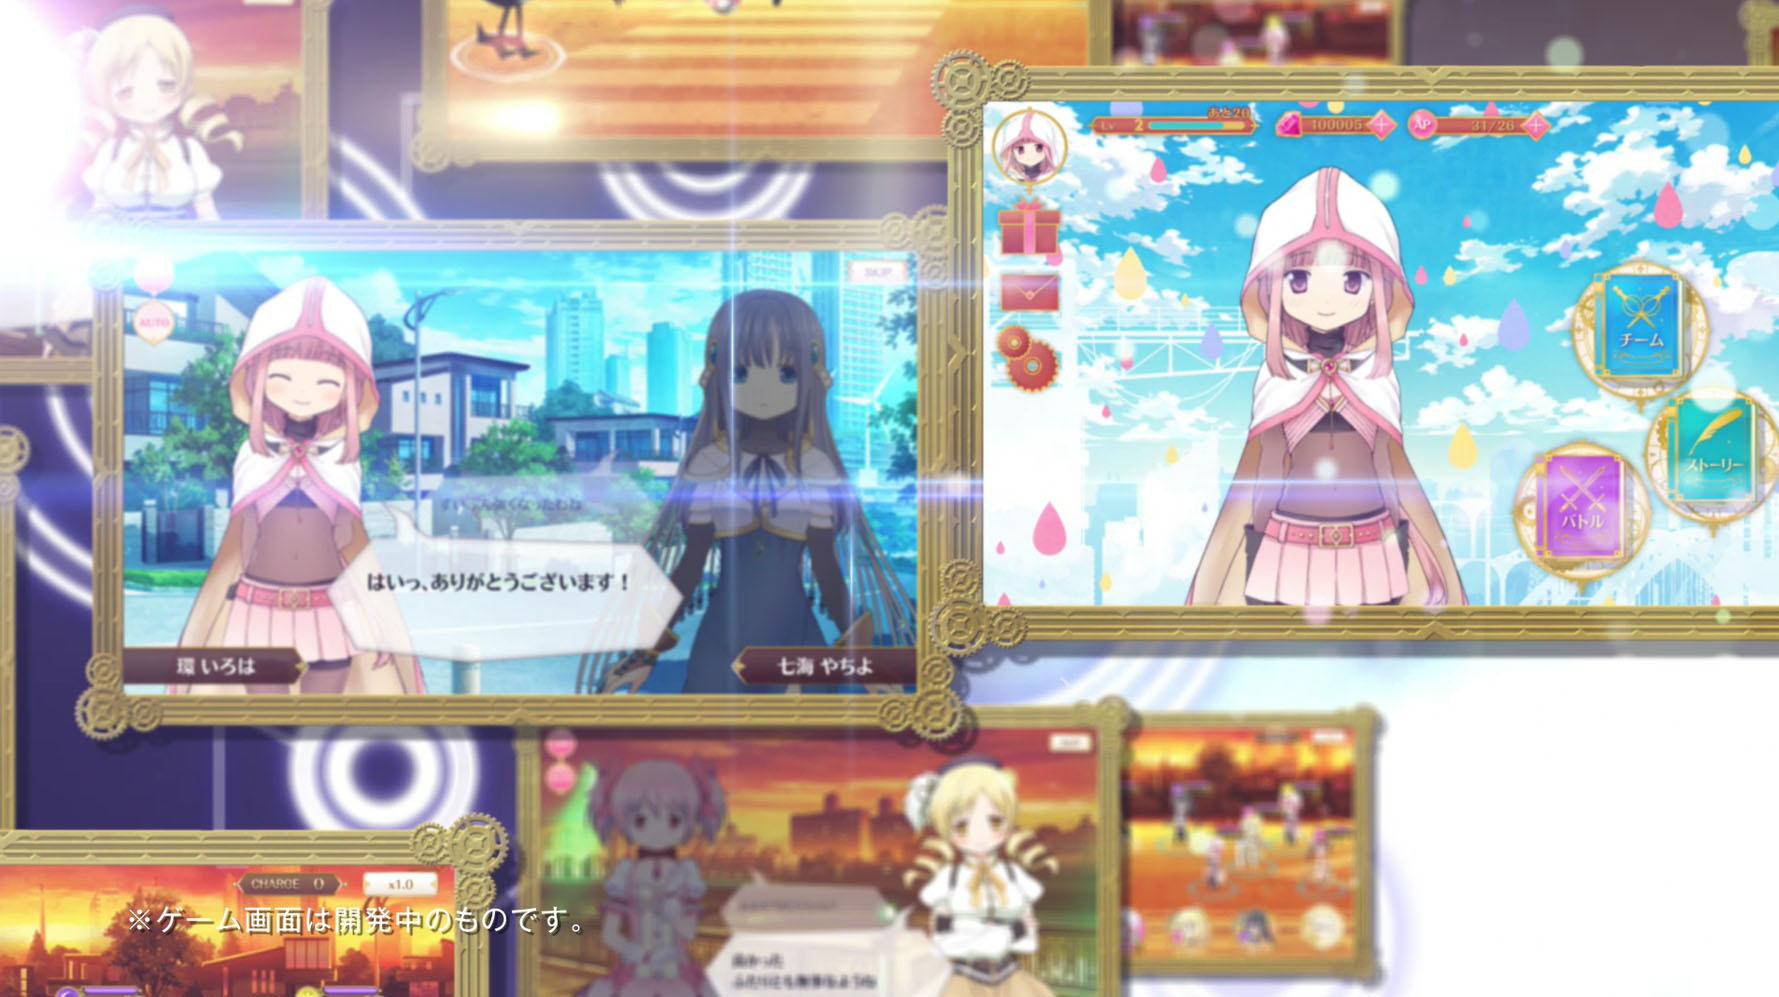 マギアレコード 魔法少女まどか☆マギカ外伝の画像 p1_21